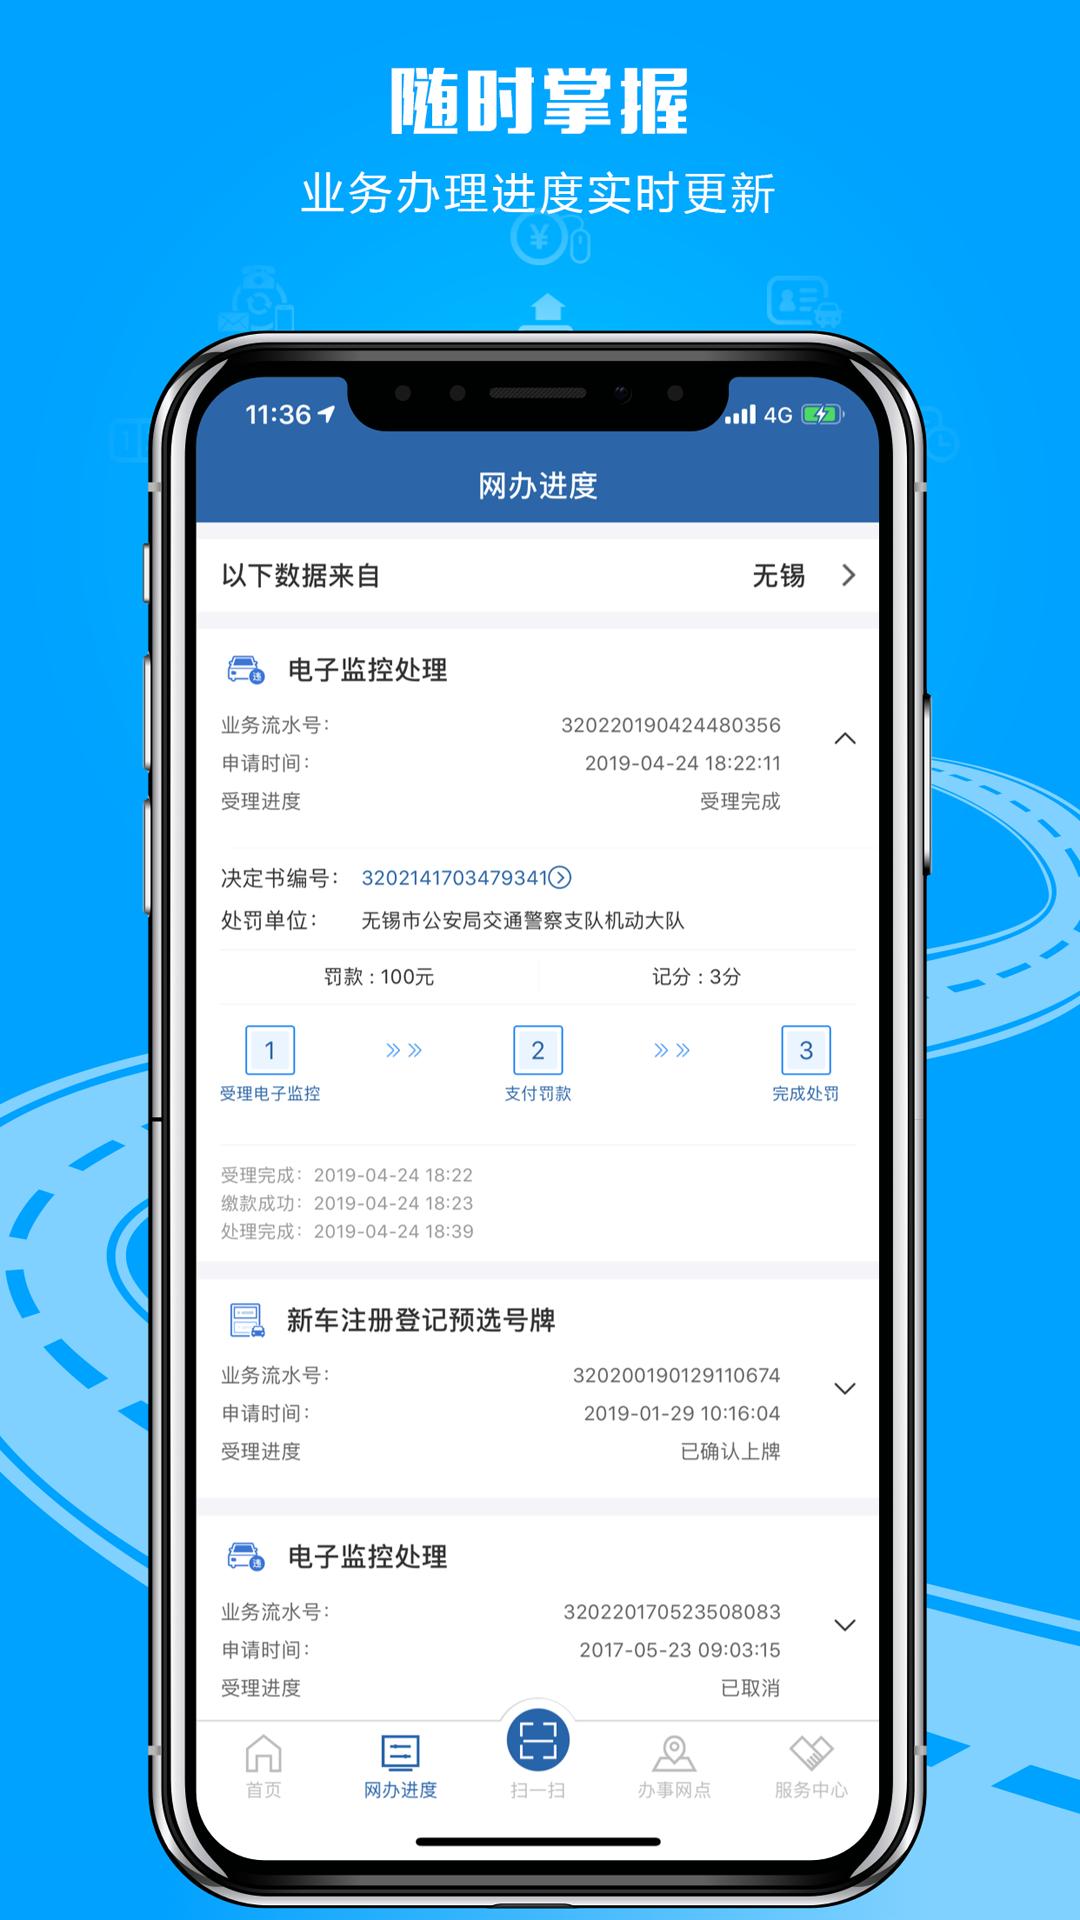 交管12123手机版App-交管12123下载-交管12123安卓/苹果/电脑版-飞翔软件库